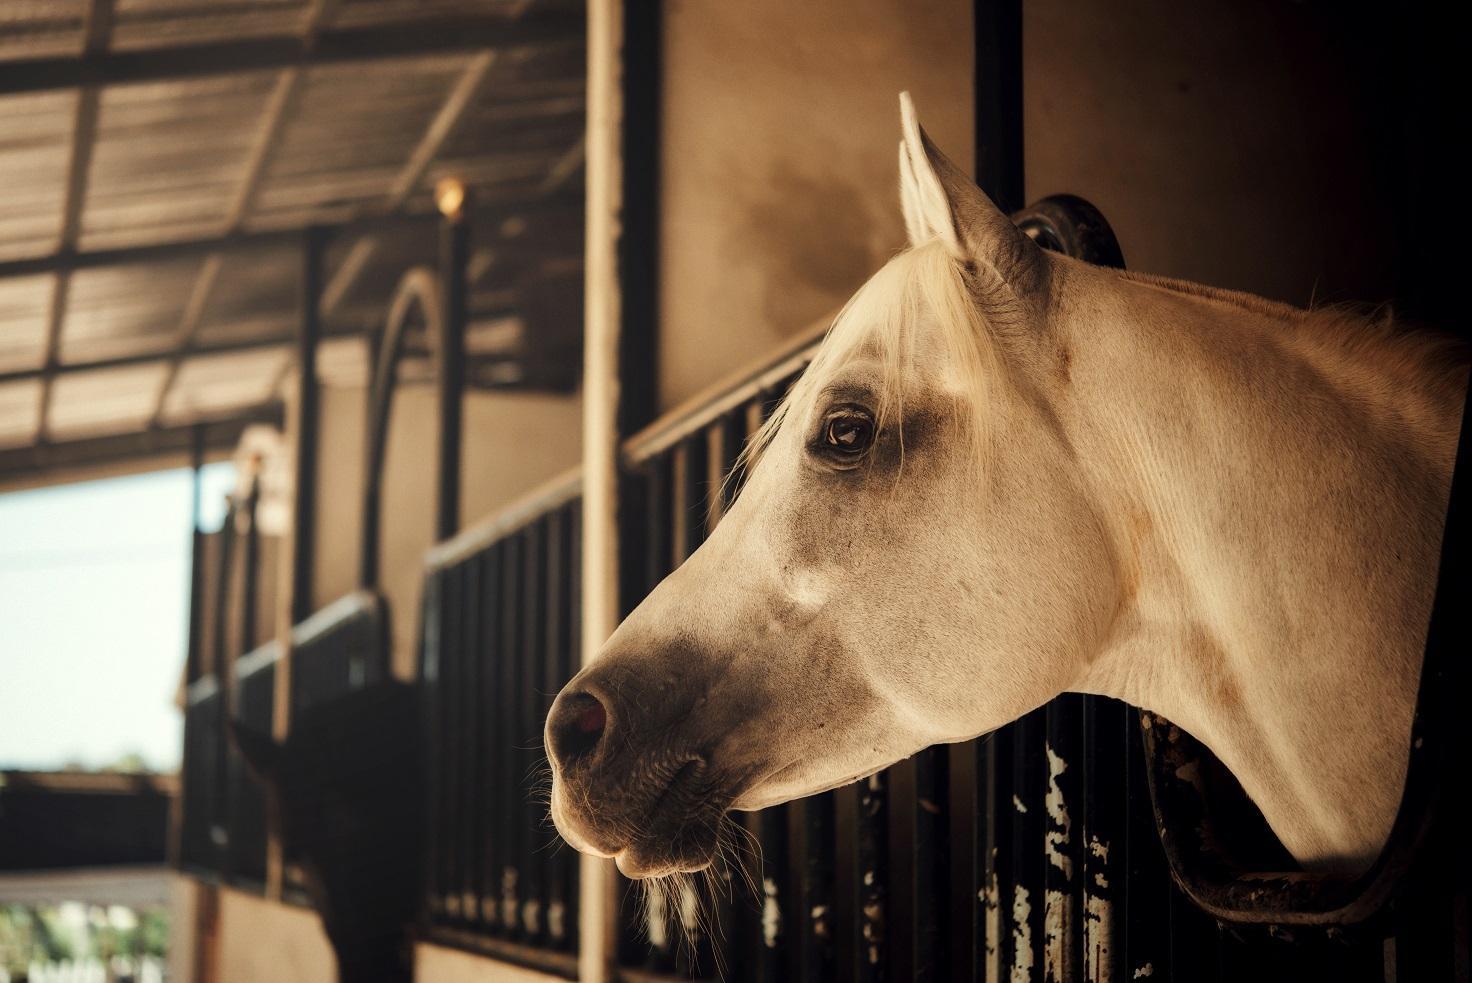 LED paardenstalverlichting. Aangename en duurzame verlichting